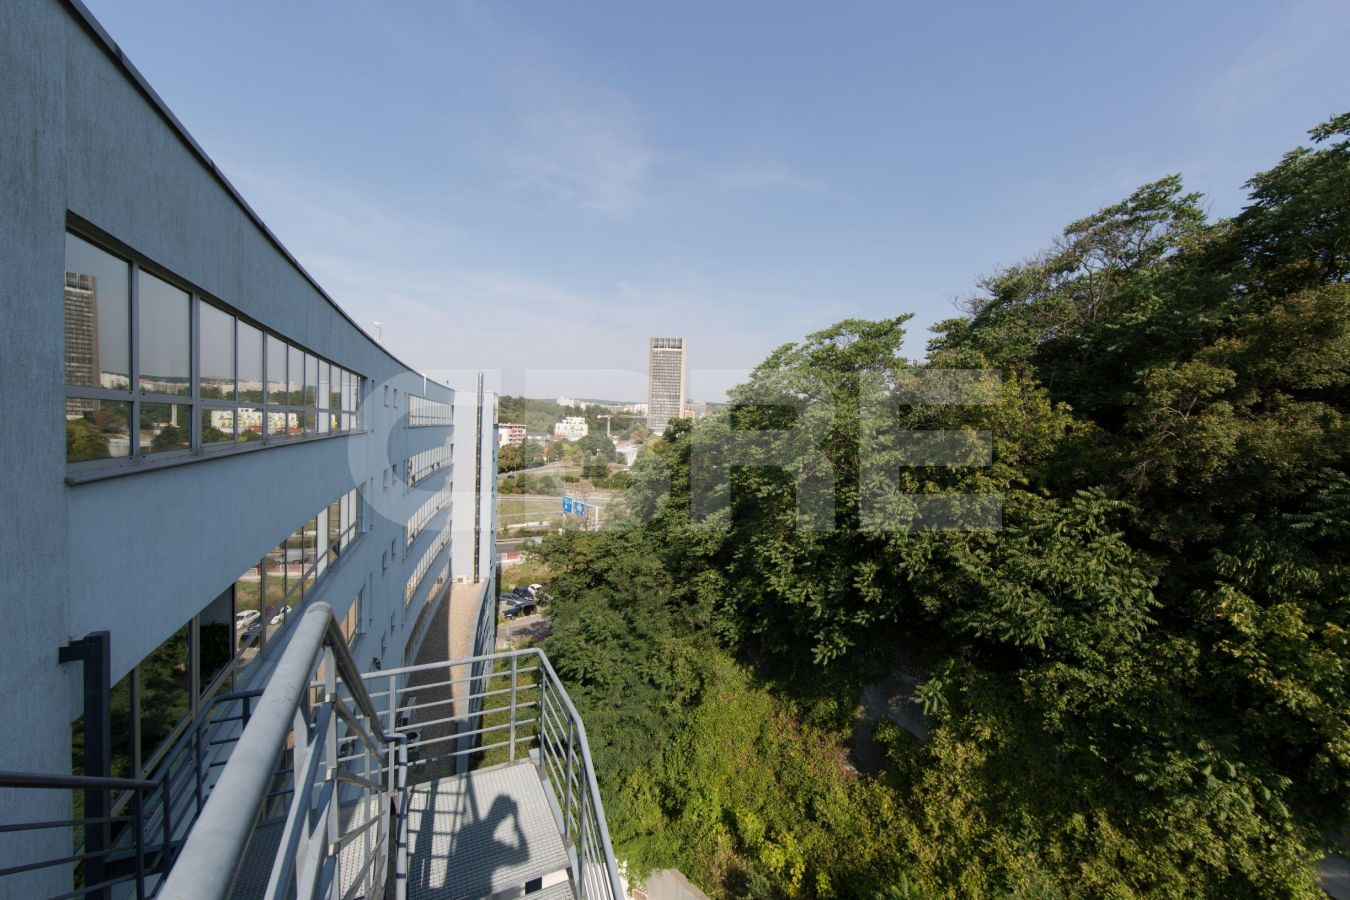 Slávičie údolie 106, Bratislava - Staré Mesto | Offices for rent by CBRE | 1